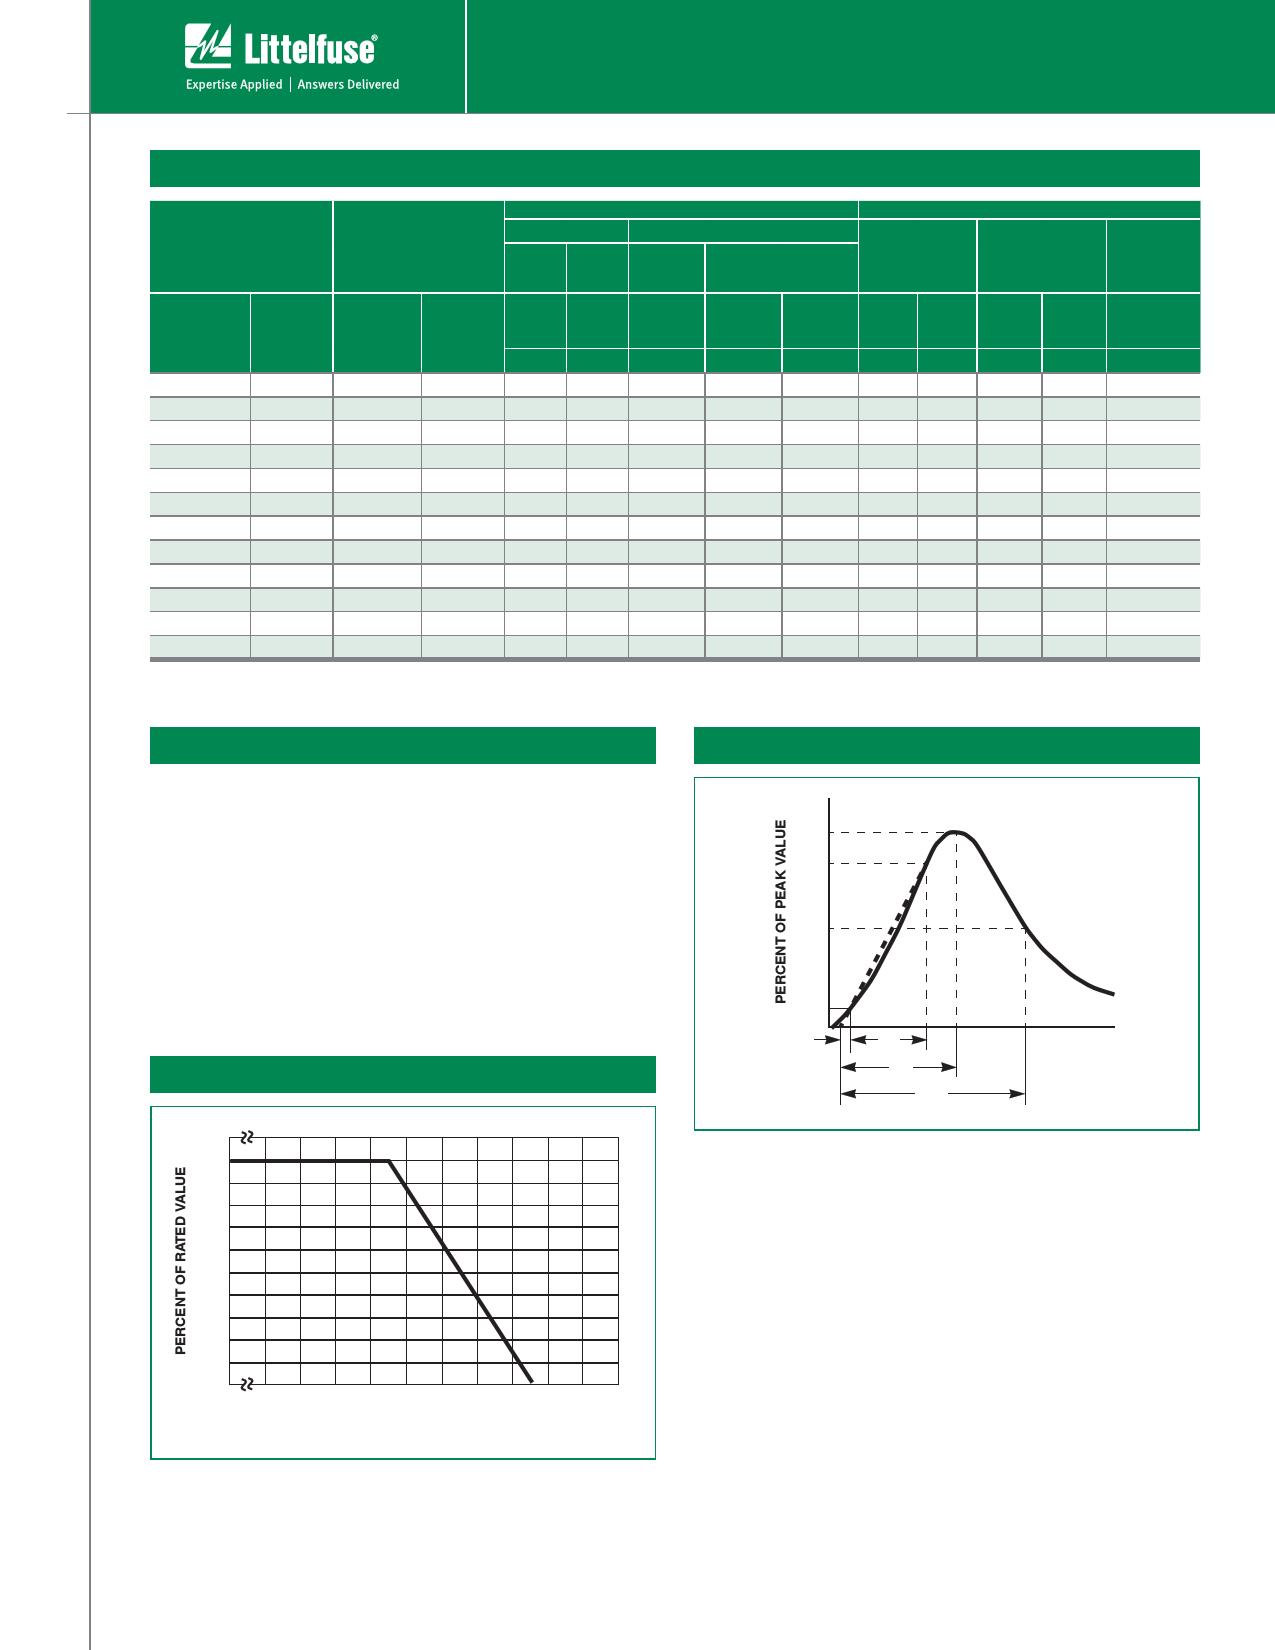 V07E140P pdf, 電子部品, 半導体, ピン配列